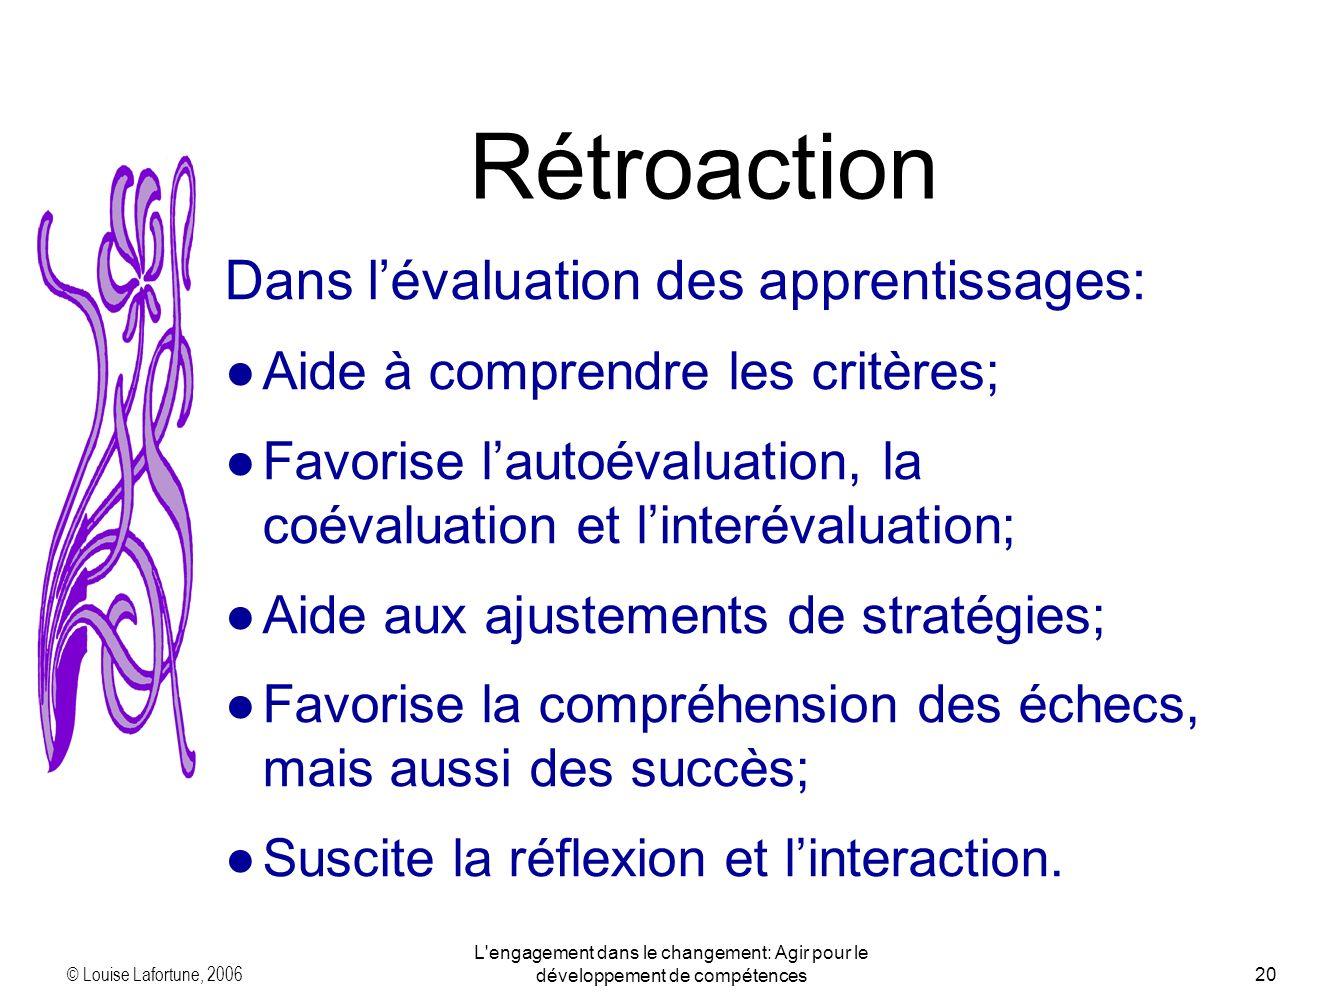 © Louise Lafortune, 2006 L engagement dans le changement: Agir pour le développement de compétences20 Rétroaction Dans lévaluation des apprentissages: Aide à comprendre les critères; Favorise lautoévaluation, la coévaluation et linterévaluation; Aide aux ajustements de stratégies; Favorise la compréhension des échecs, mais aussi des succès; Suscite la réflexion et linteraction.